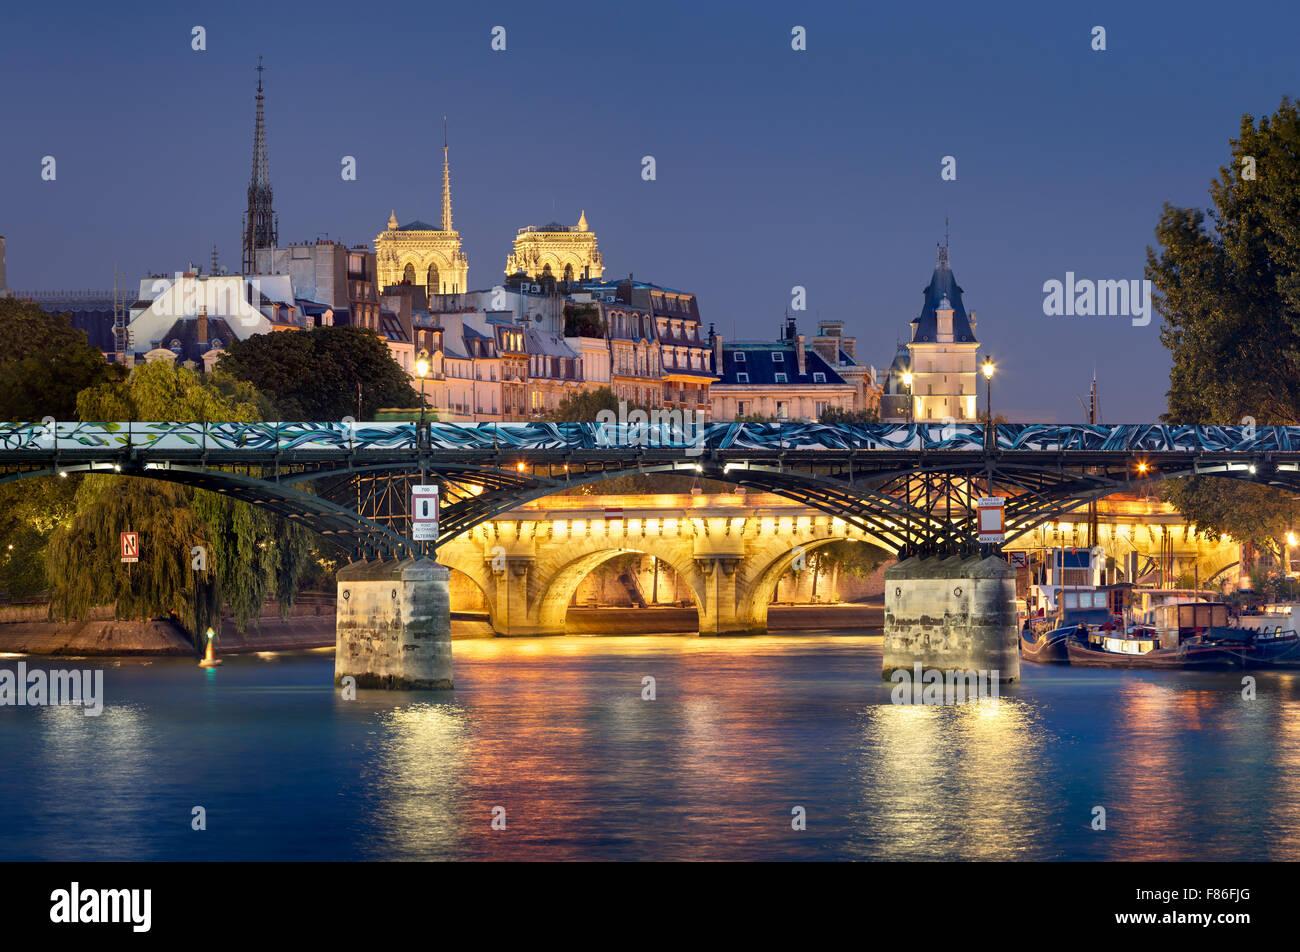 Pont des Arts, Pont Neuf, Notre Dame de Paris Cathédrale de Tours et de Seine. Soirée Illuminée vue. Photo Stock